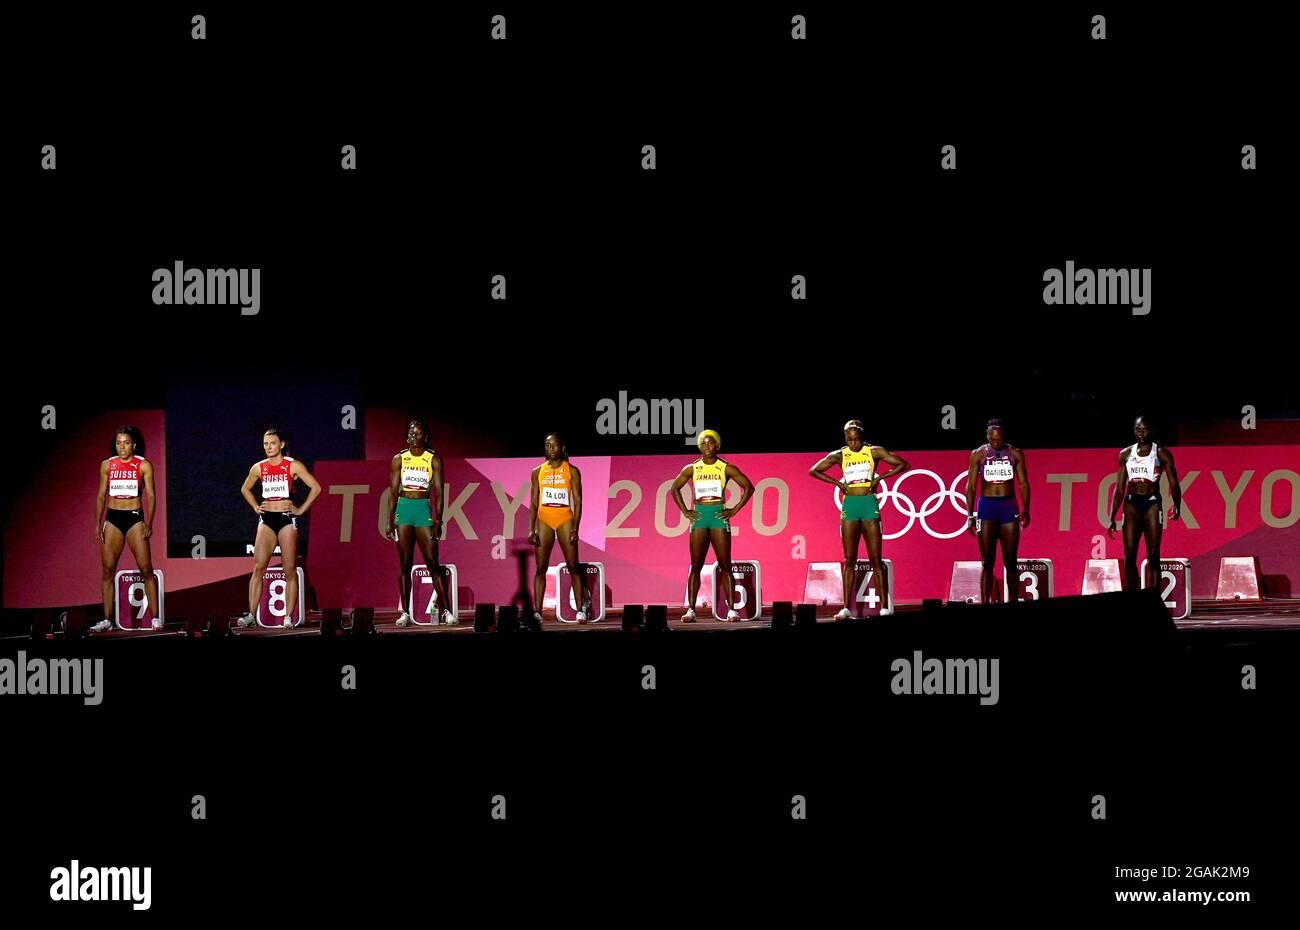 I concorrenti si allineano davanti alla finale femminile di 100 metri allo Stadio Olimpico l'ottavo giorno dei Giochi Olimpici di Tokyo 2020 in Giappone. Data immagine: Sabato 31 luglio 2021. Foto Stock